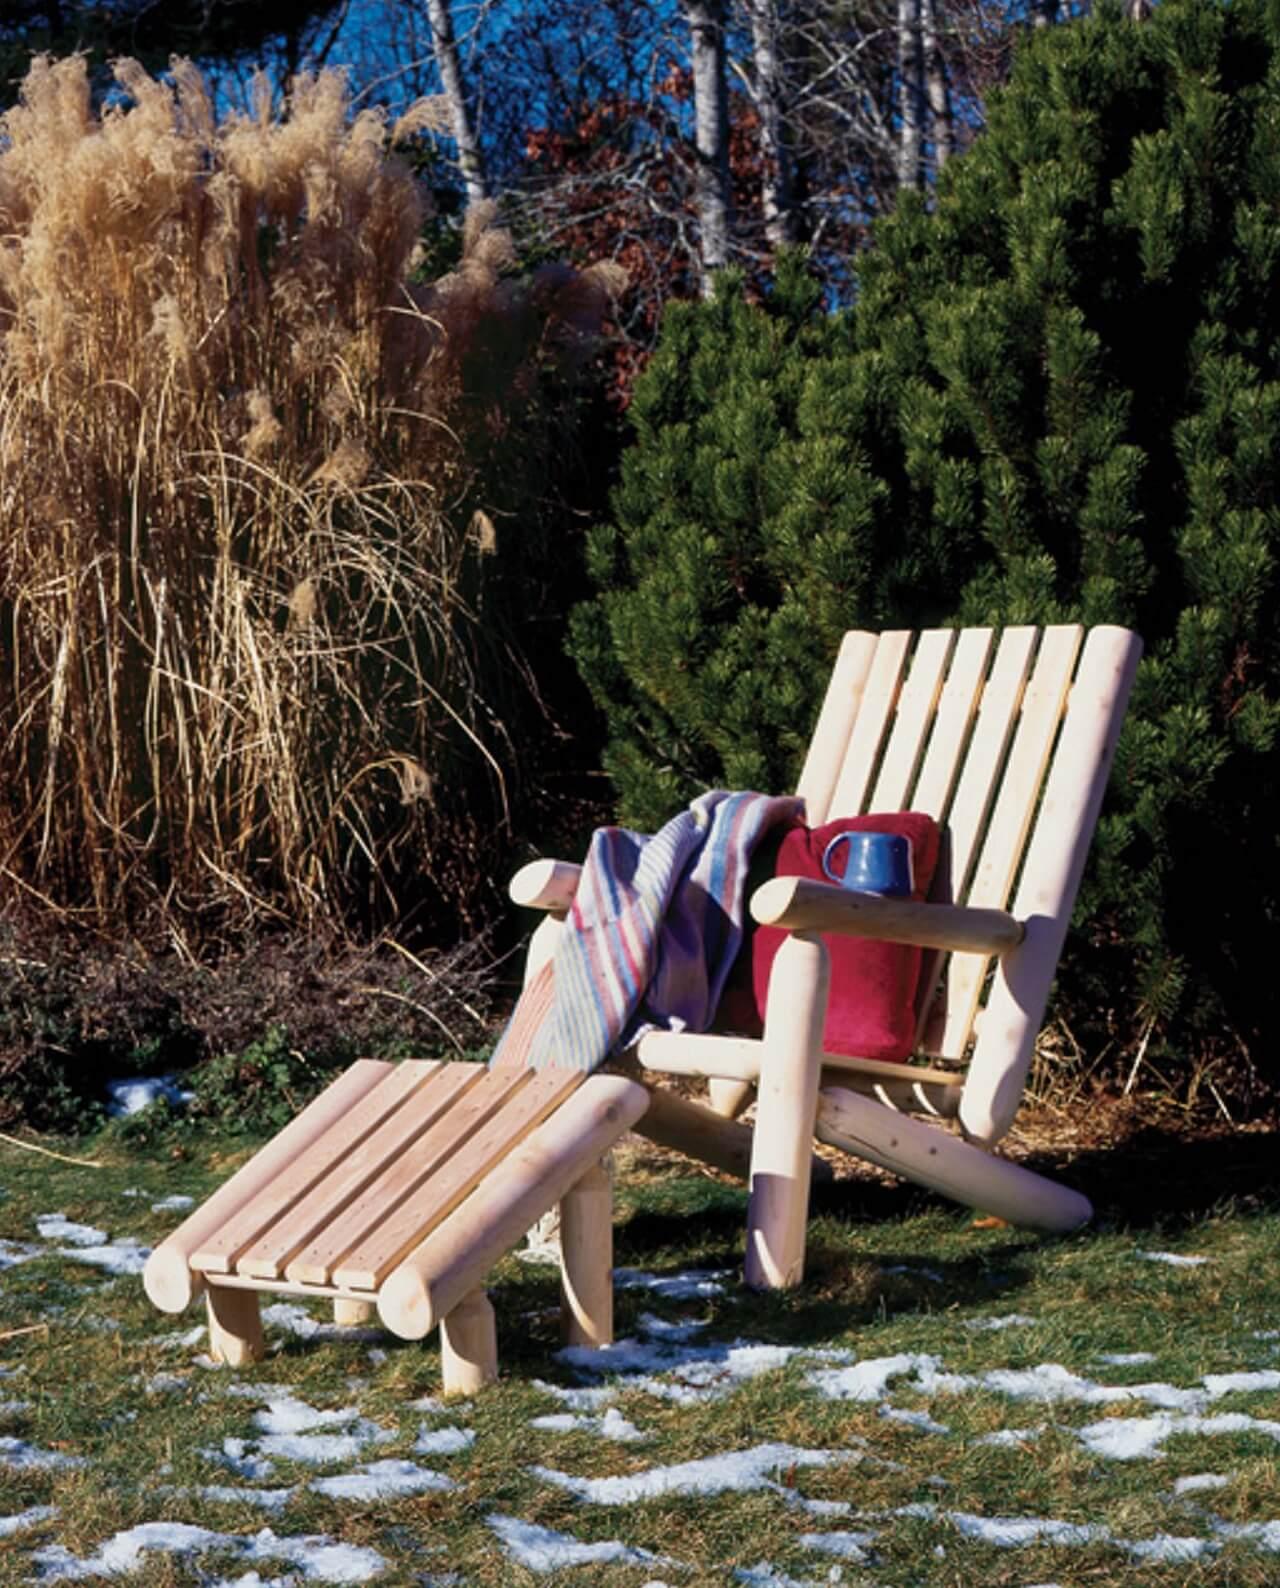 Fauteuil rondins bois dossier haut repose-pieds en bois chaise-longue Cèdre & Rondins